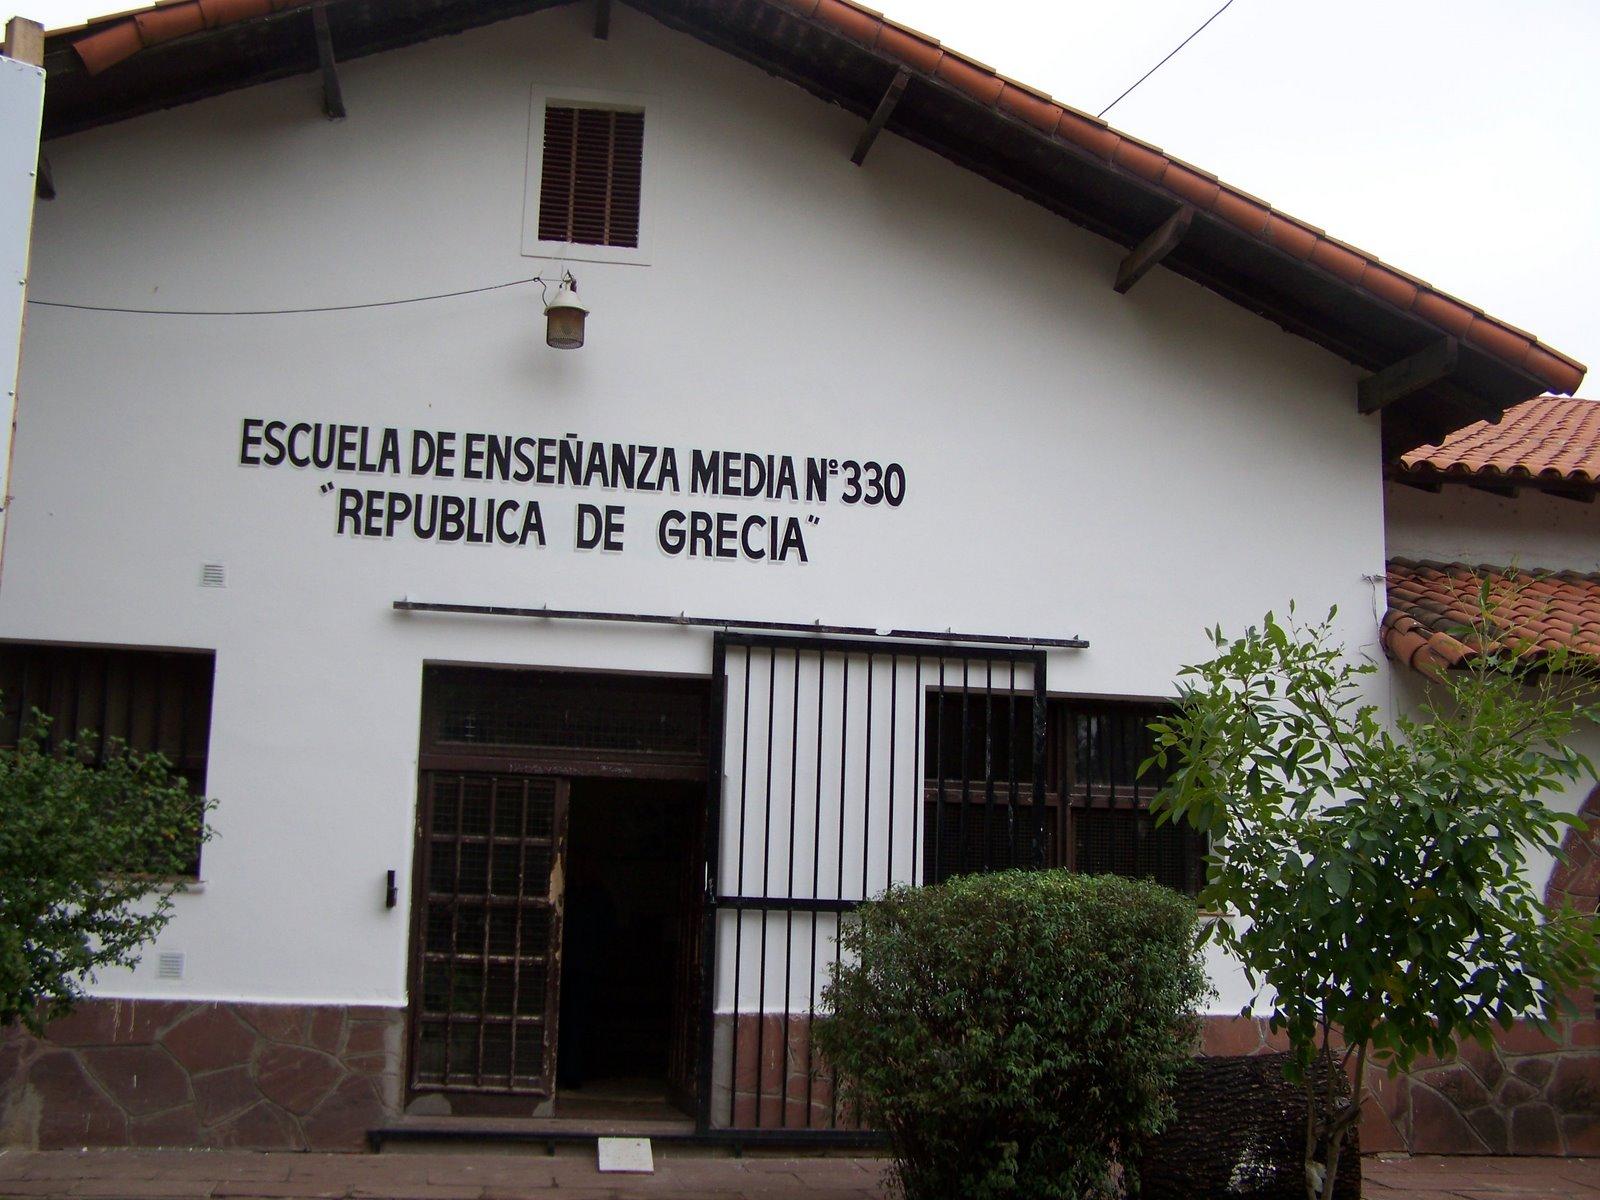 Escuela nº 330